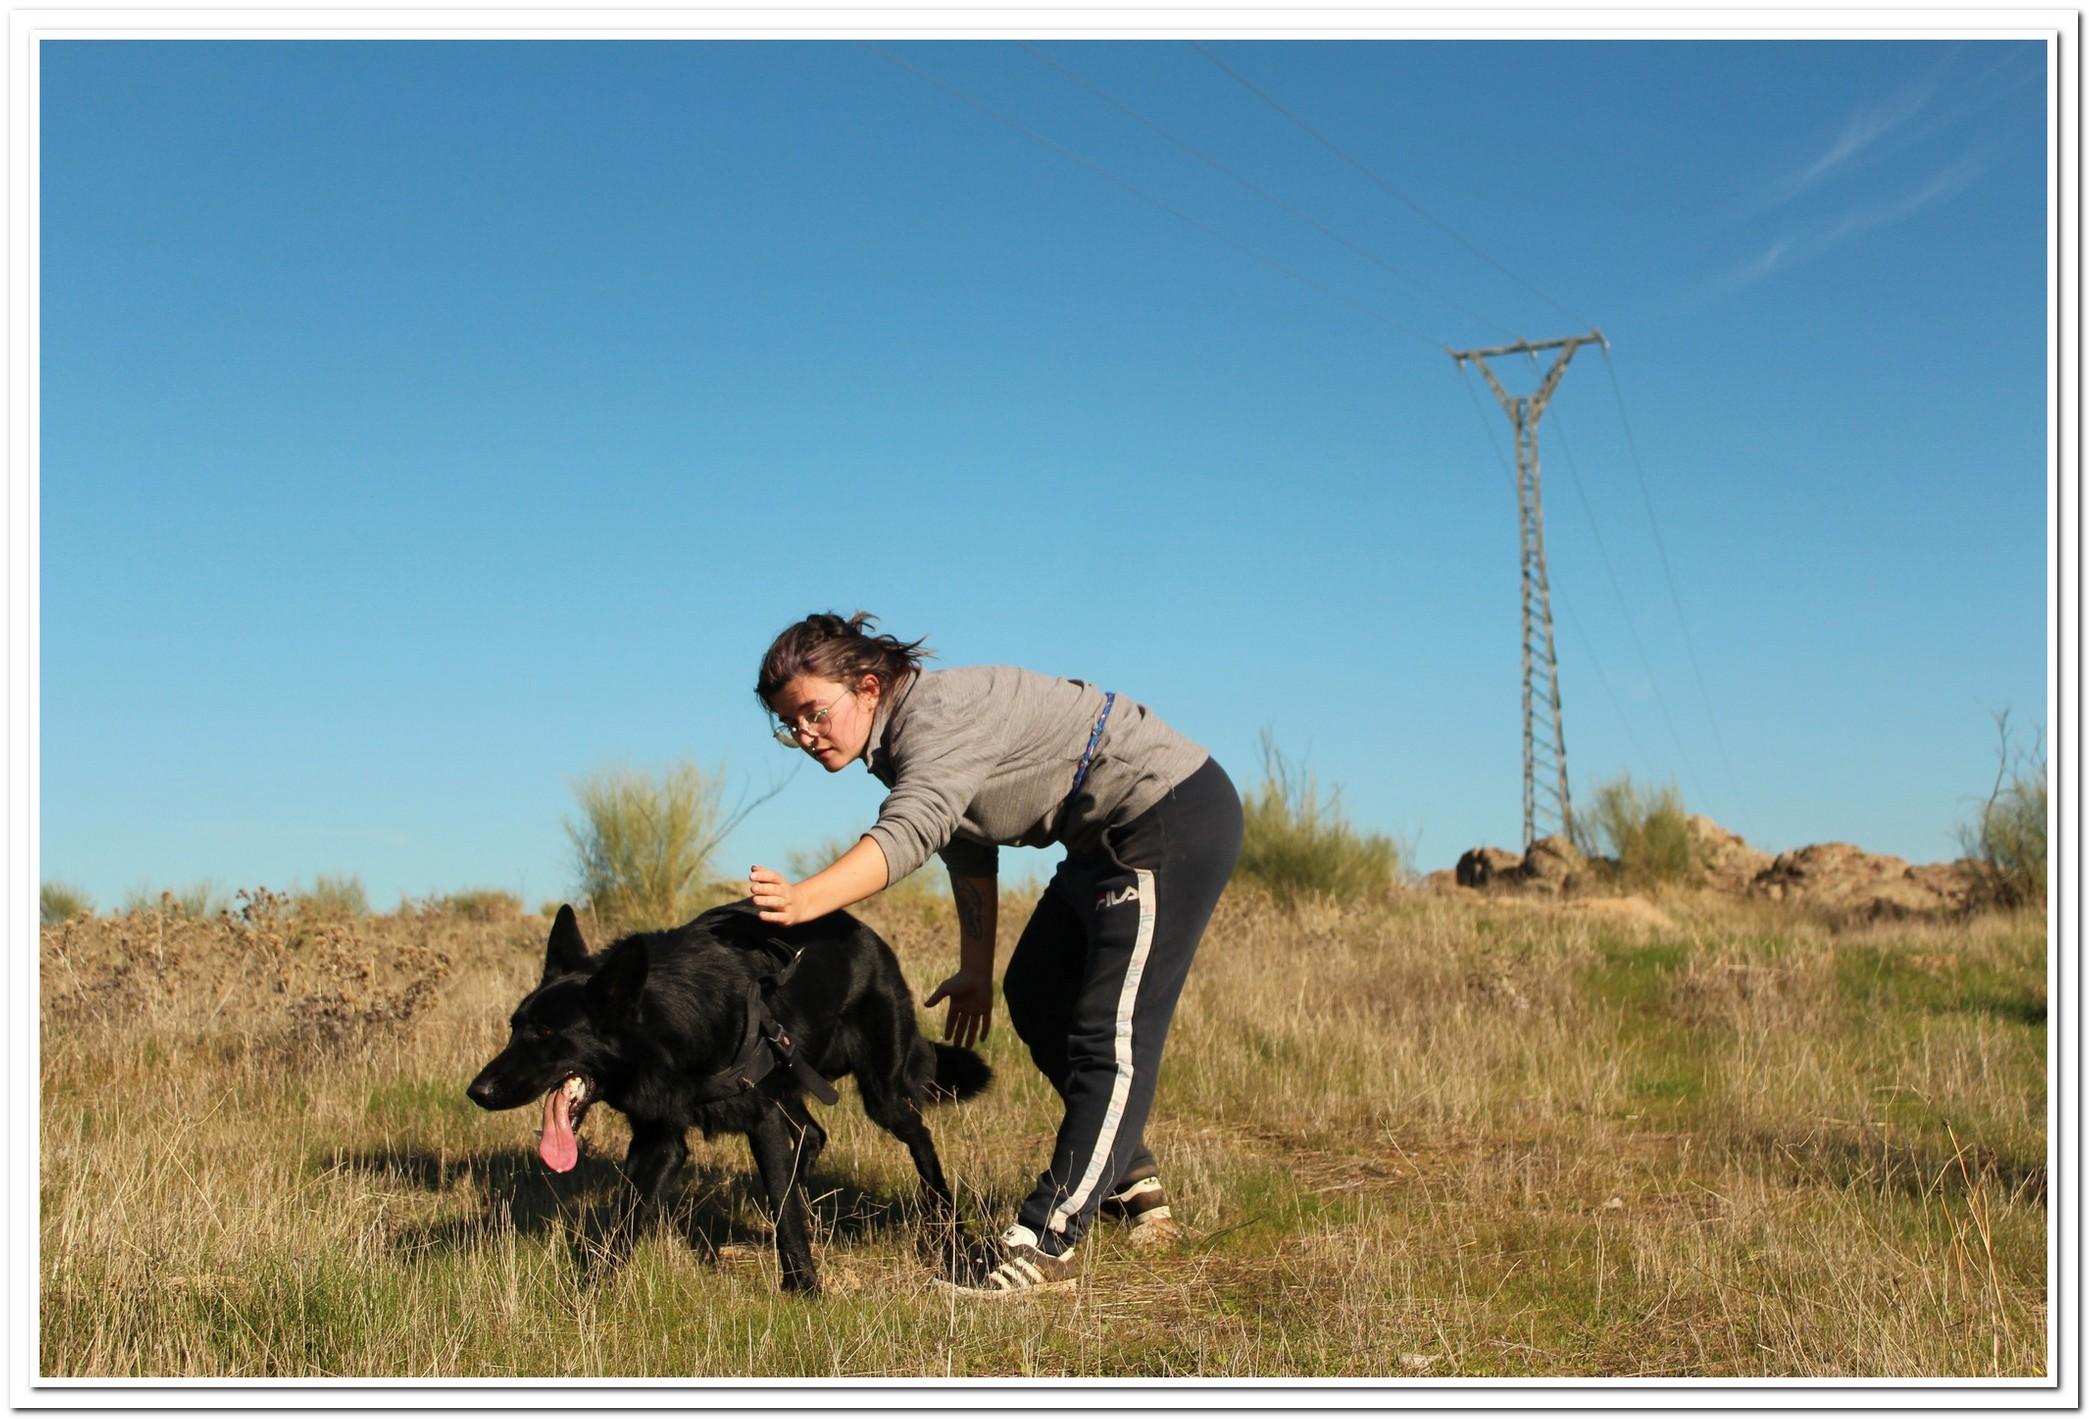 La adiestradora da la señal a Lobo para que inicie la detección debajo de la línea eléctrica a prospectar. Imagen: AMUS